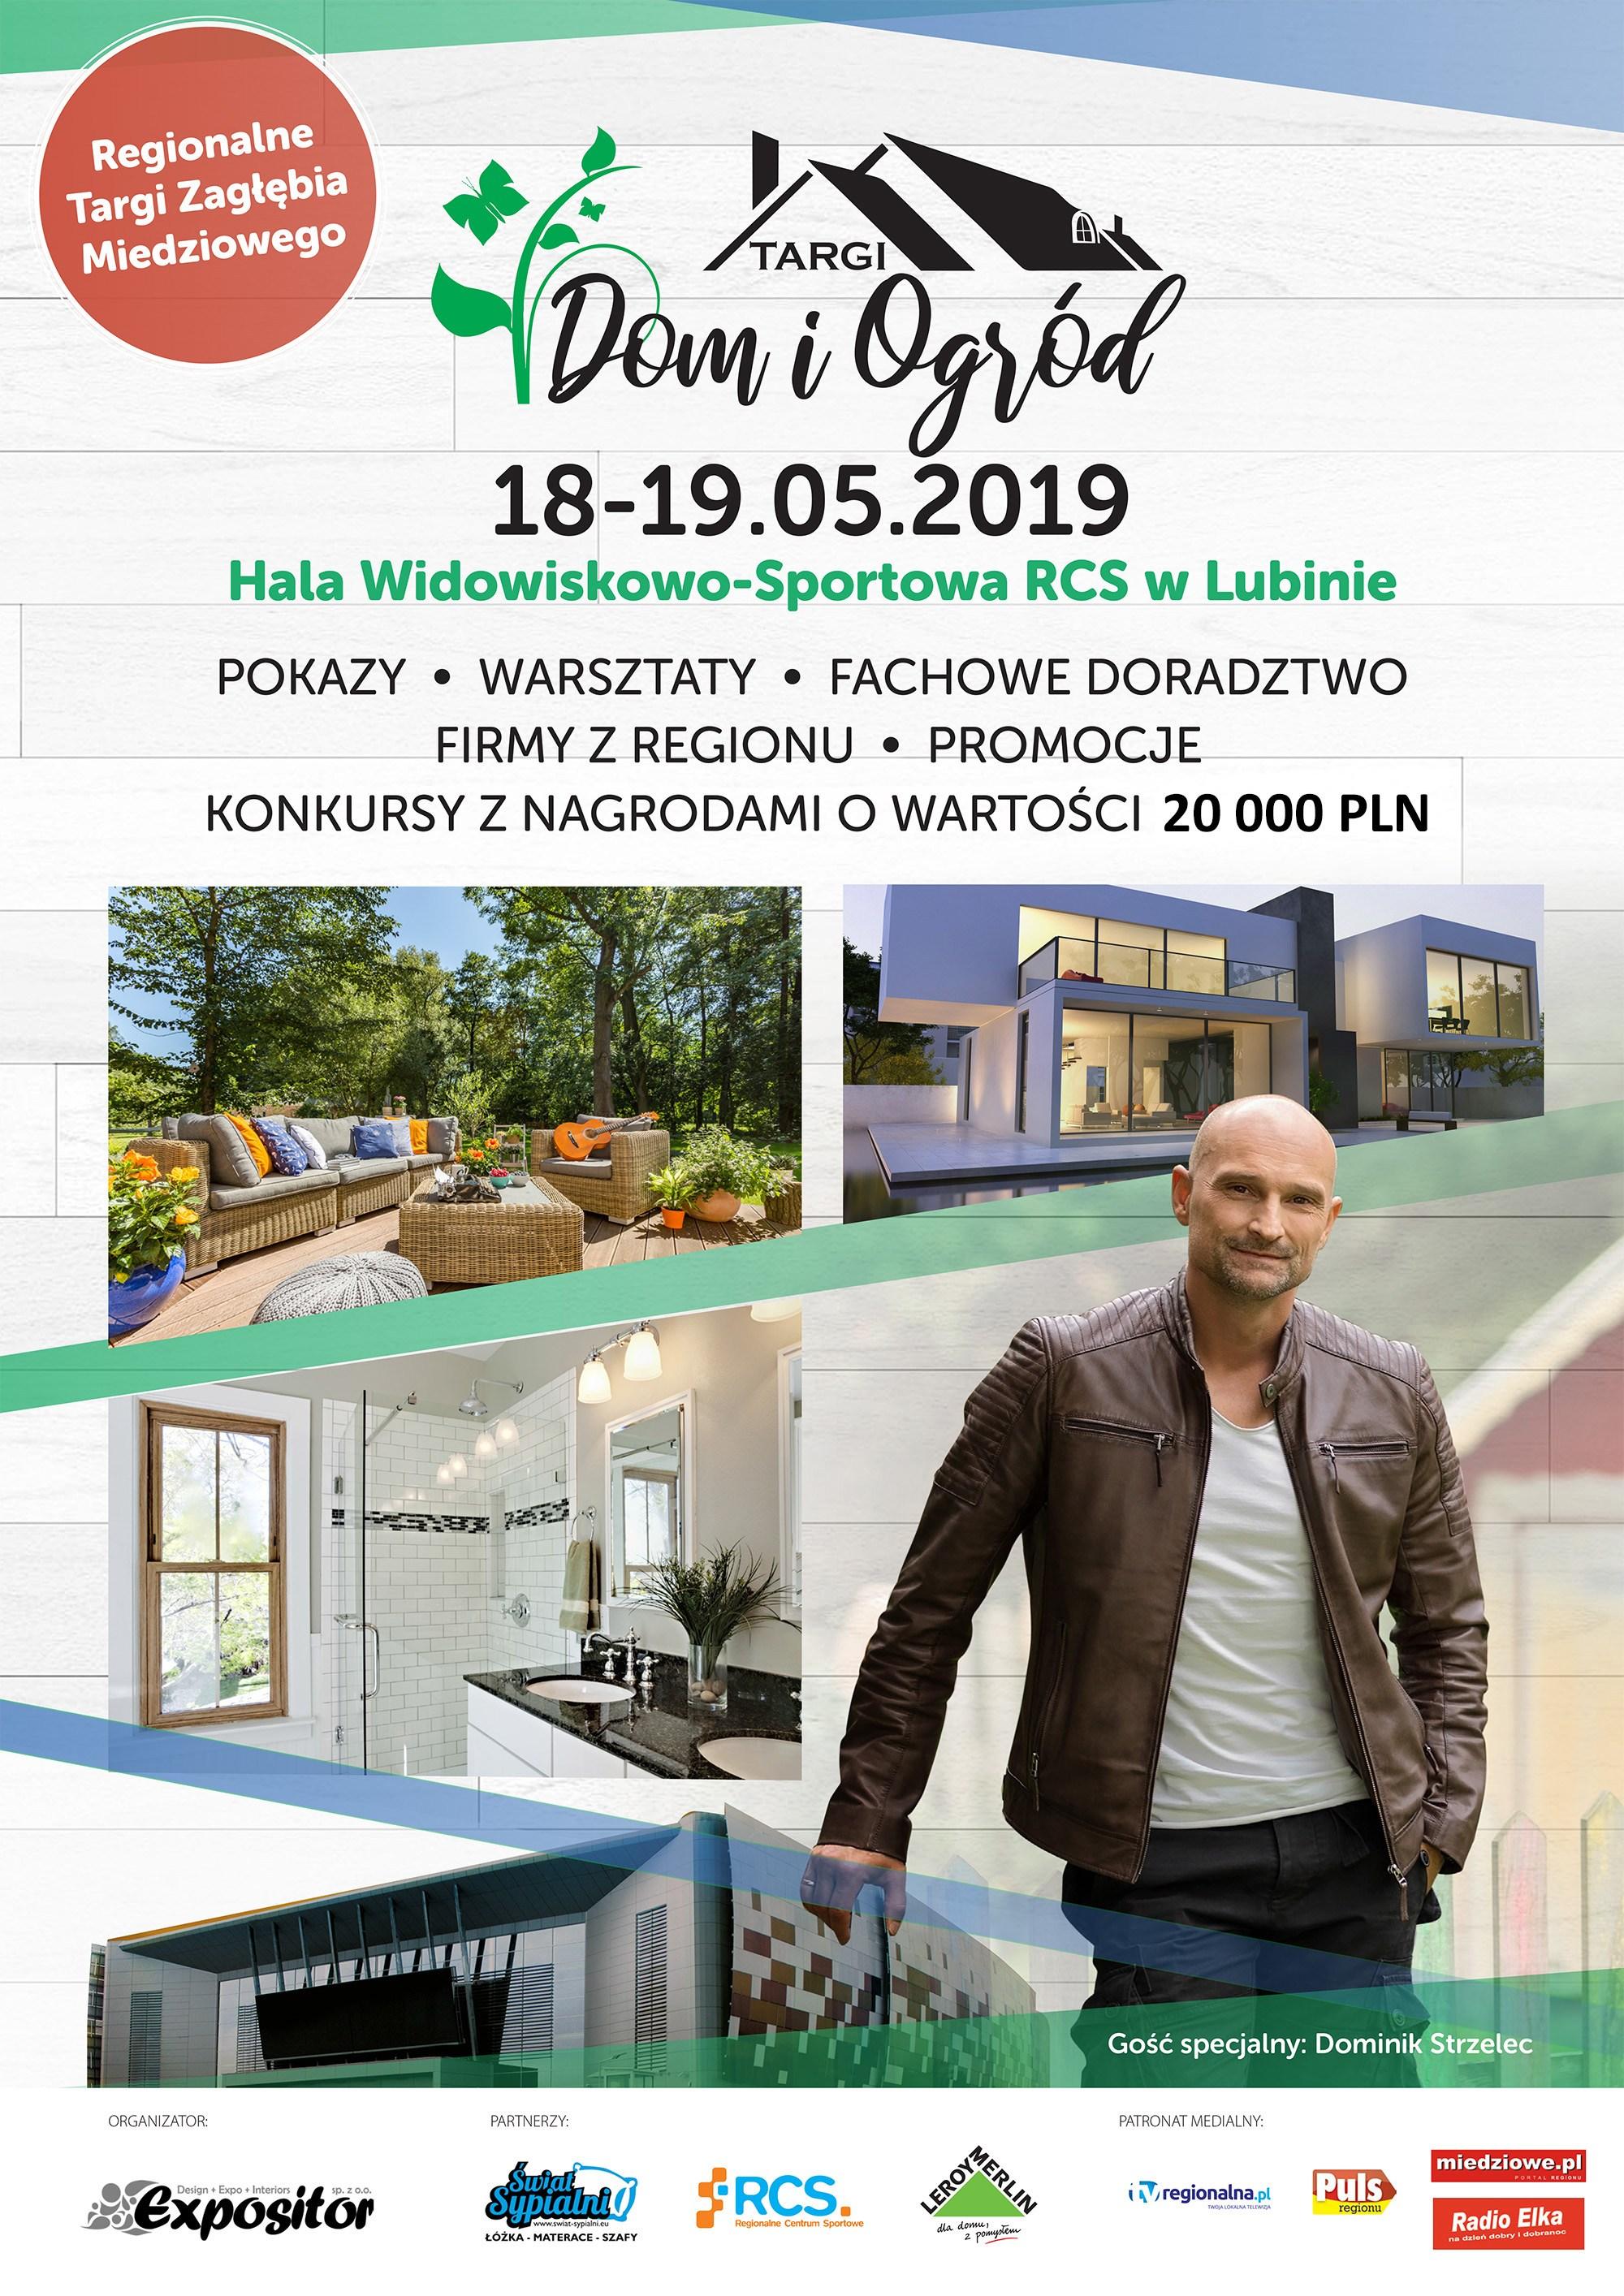 Urządzenia marki Brötje na targach DOM I OGRÓD w Lubinie 18-19 maja 2019